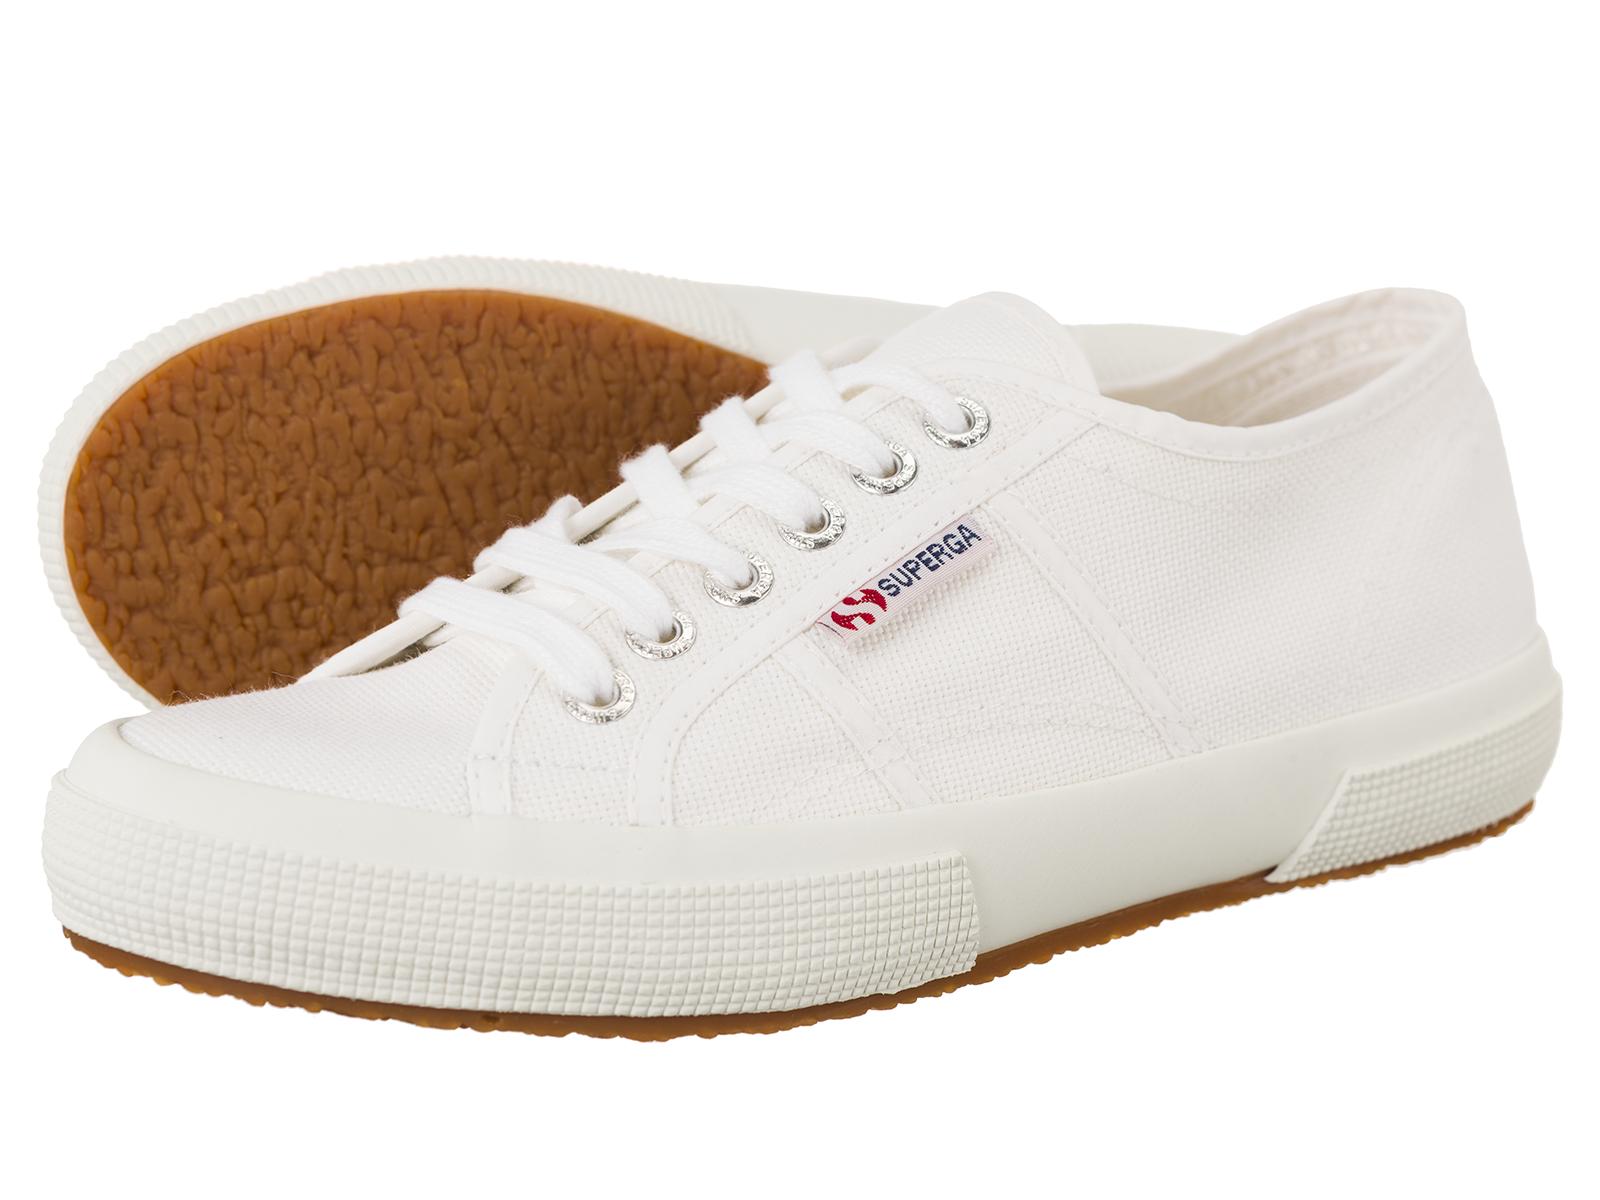 Superga Donna Plus Cotu Sneakers Scarpe Da Ginnastica Stringate Tessili